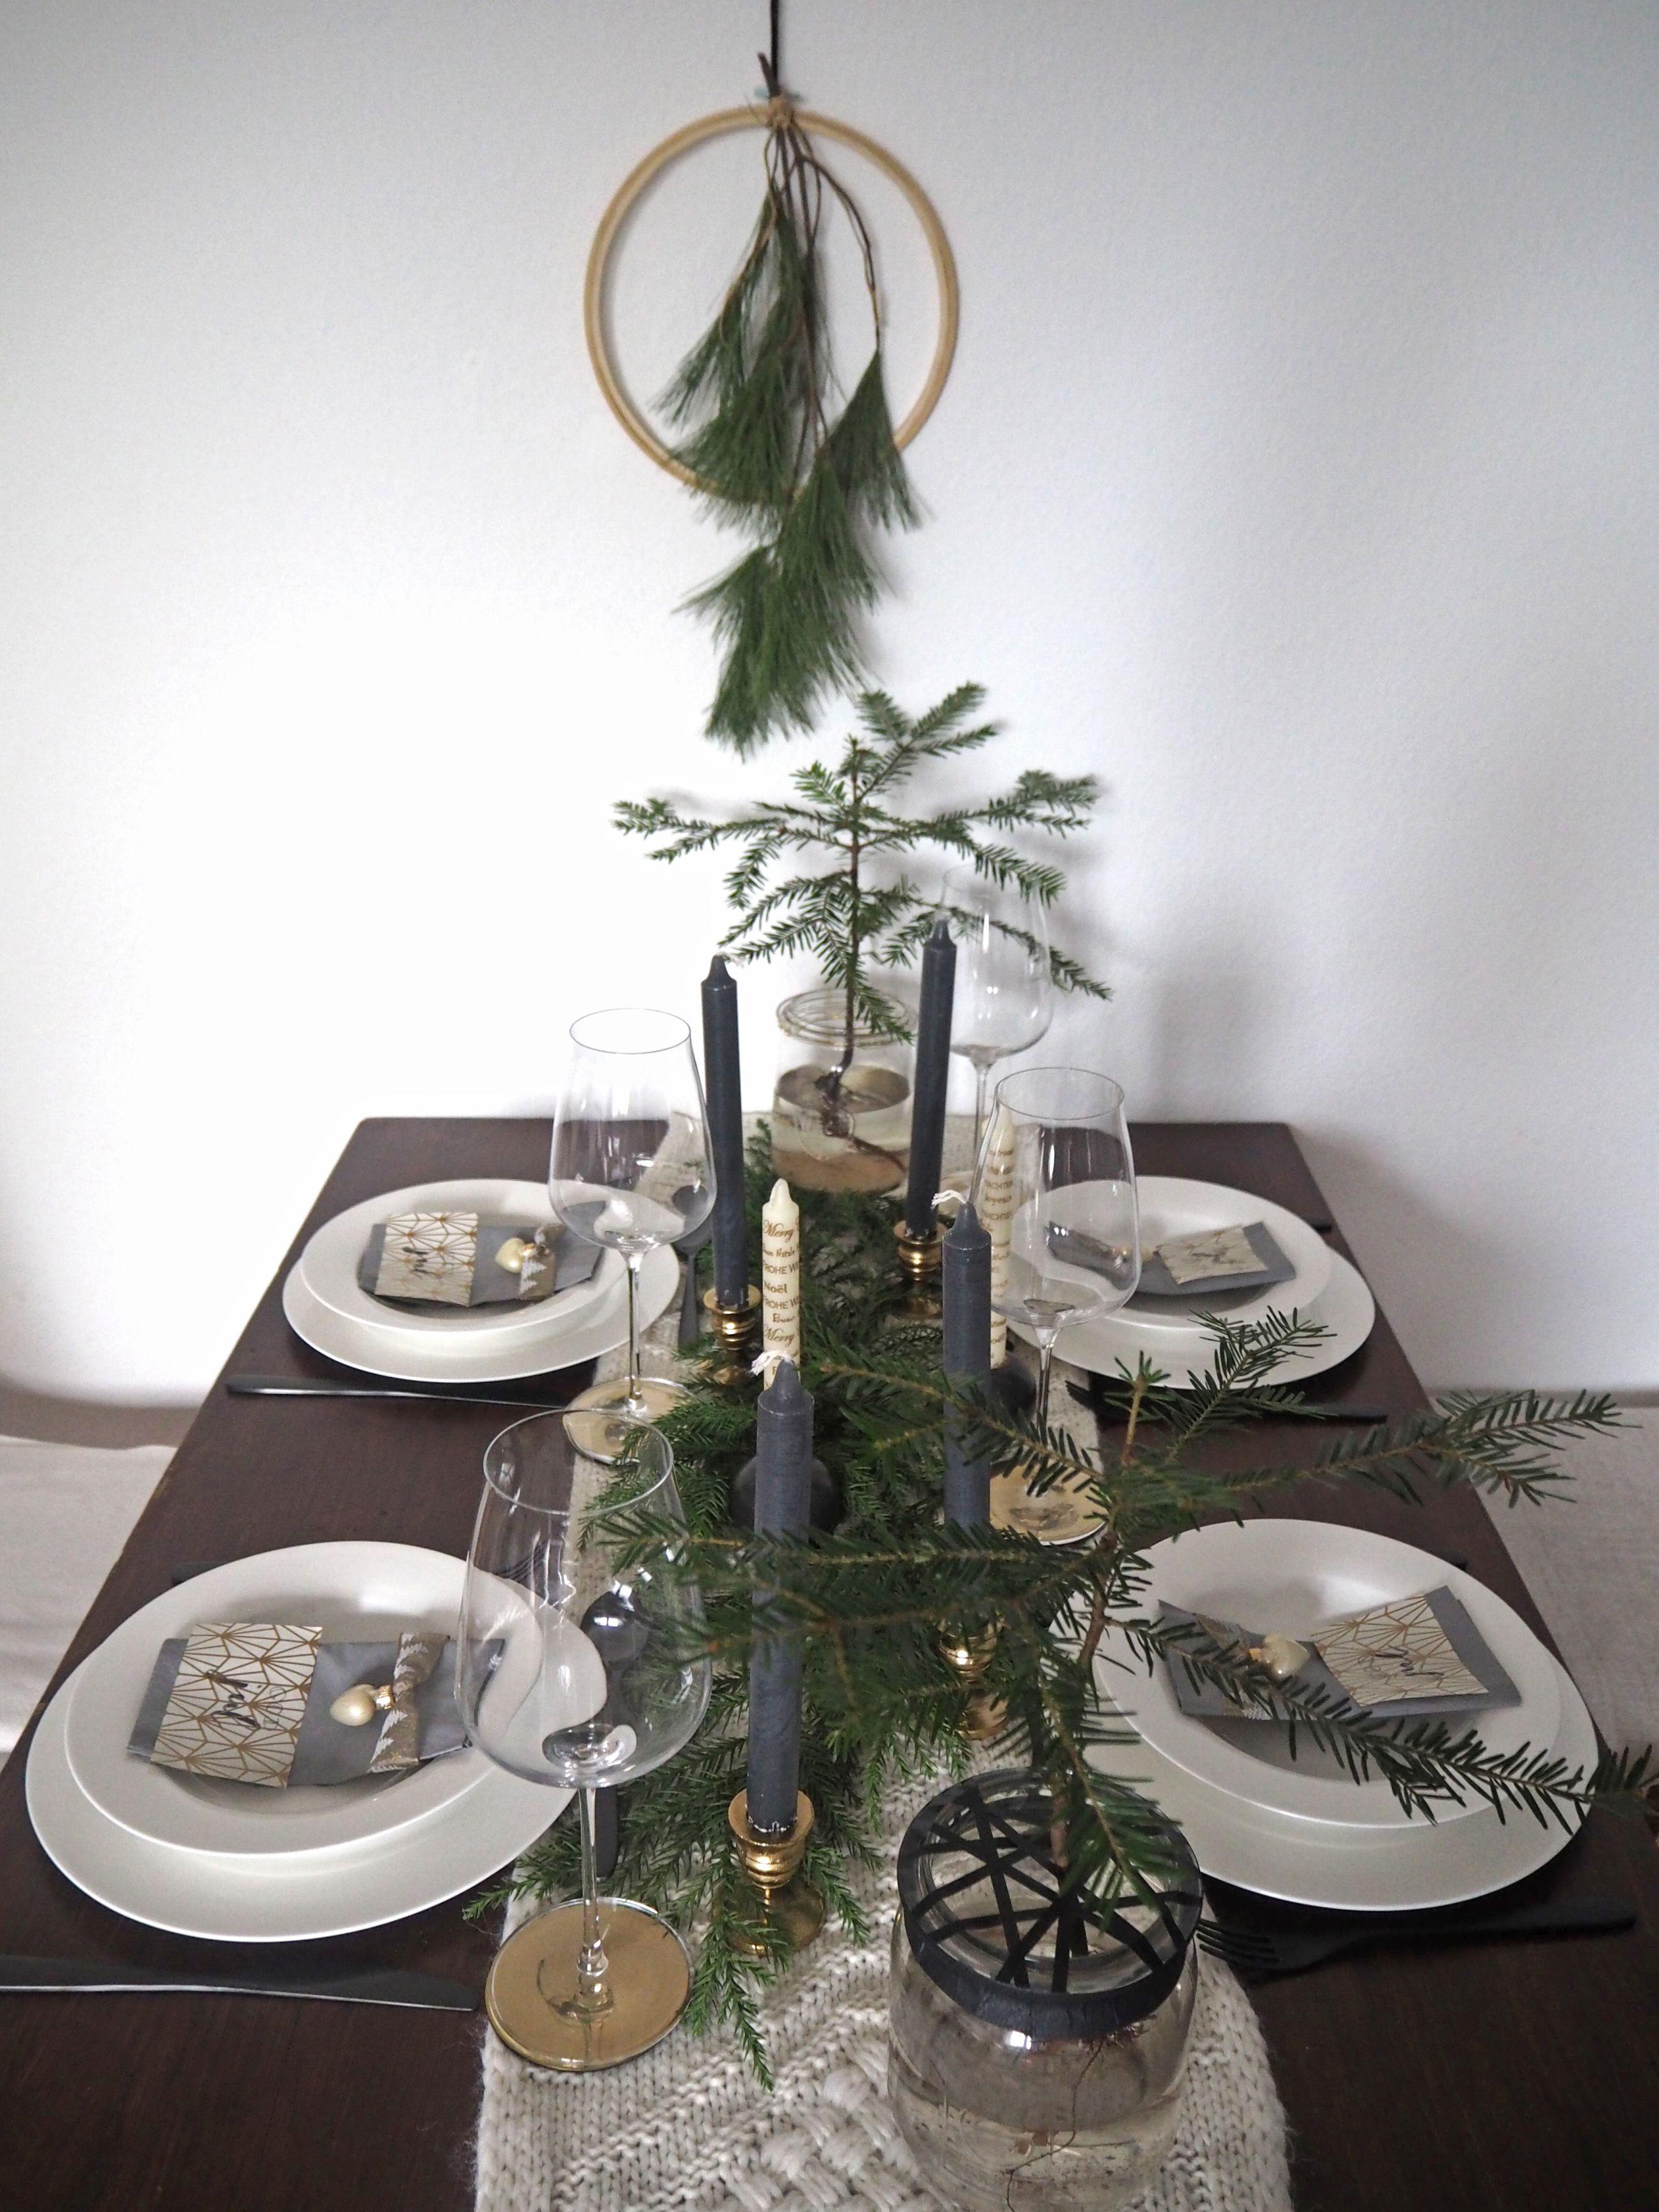 2018-skoen-och-kreativ-interior-tischdeko-festliche-tischdekoration-im-skandi-stil-weihnachten-god-jul-tabledecor (15)